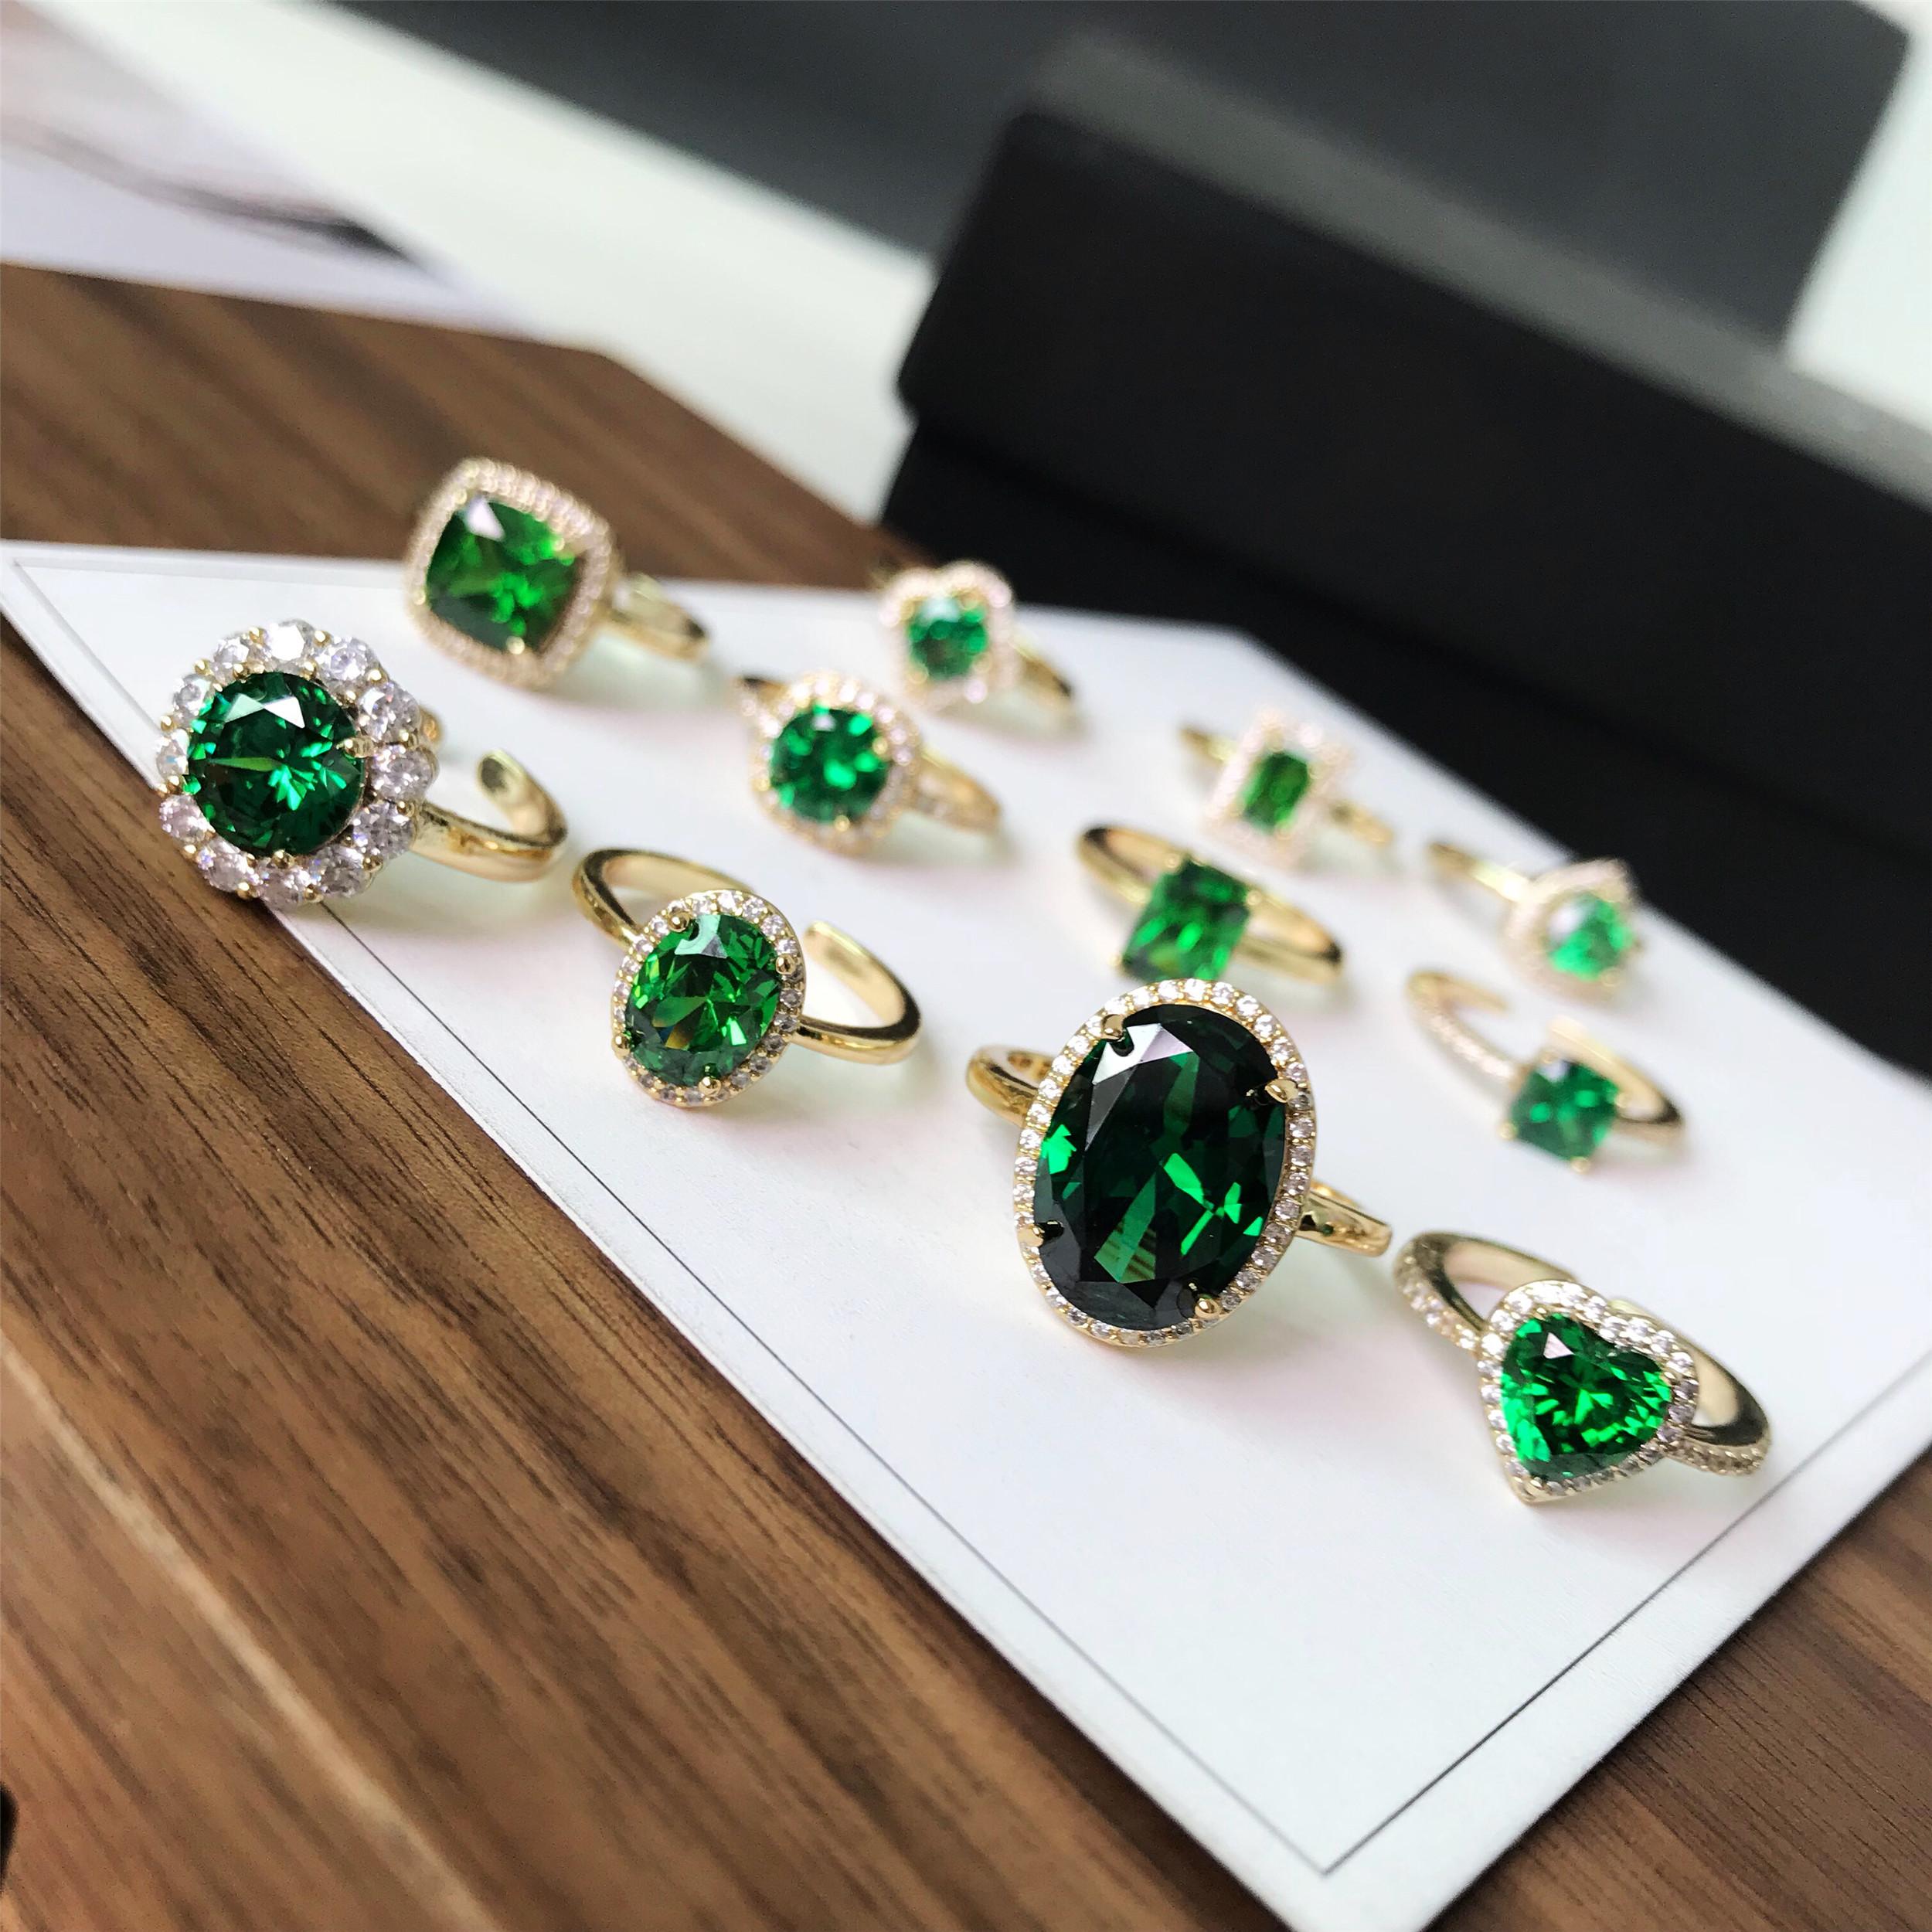 谢谢安1988定制绿宝石女开口钻指环